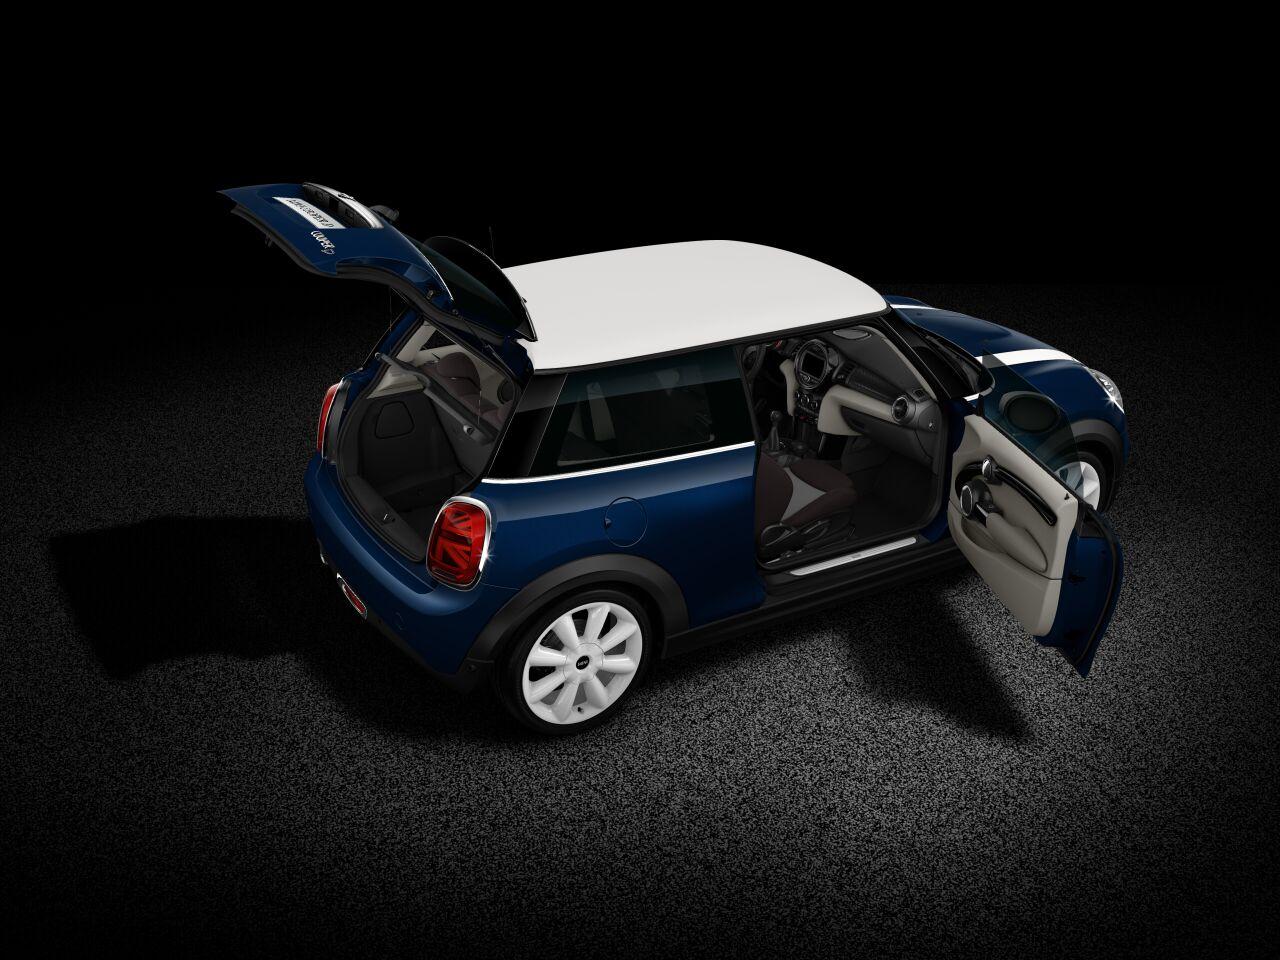 MINI Cooper D 3-deurs blik in de auto